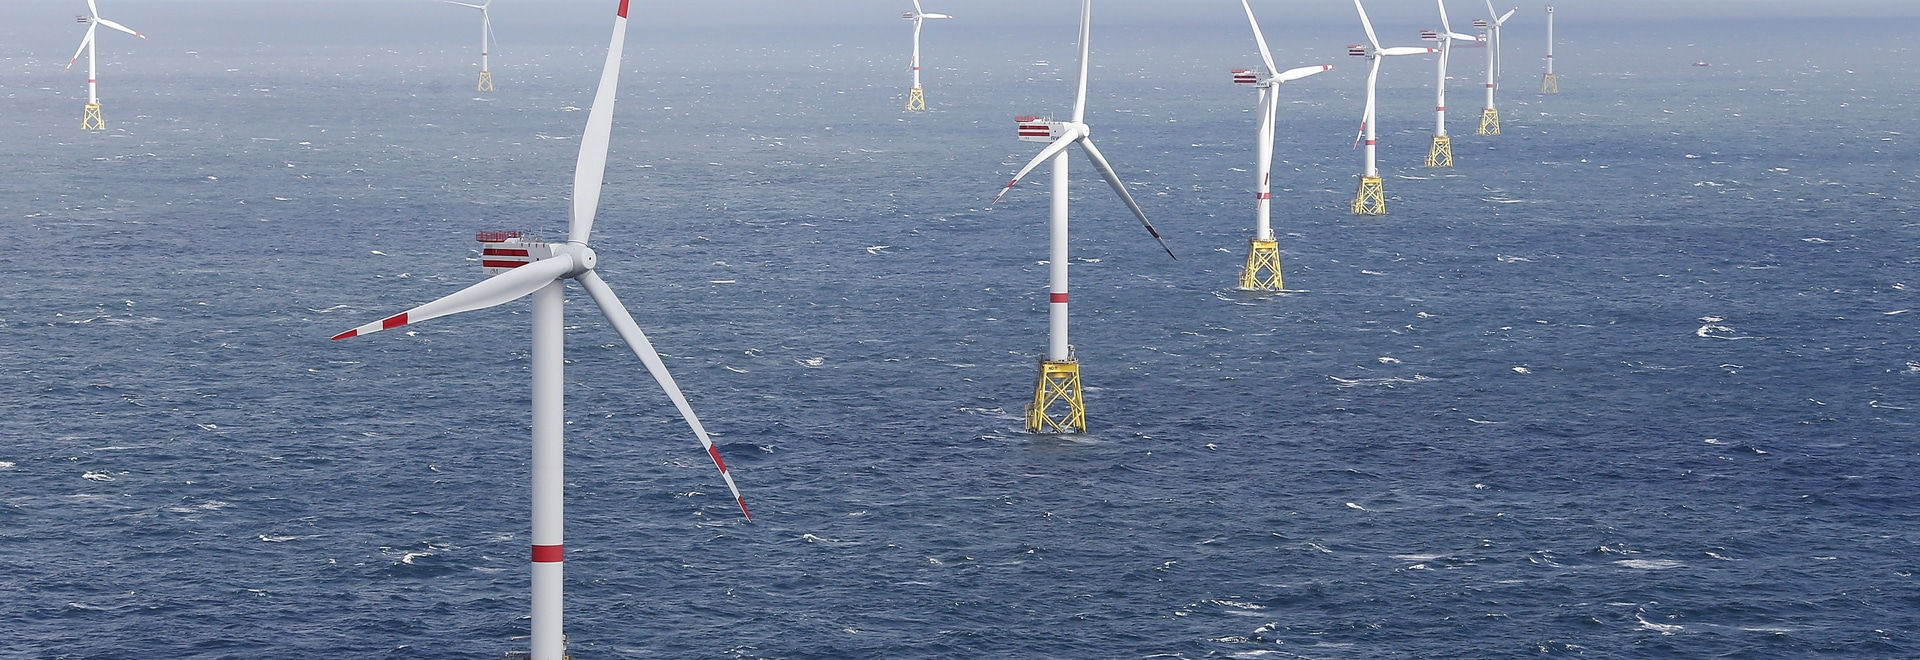 Mitsubishi pesado revelar la turbina del viento más grande del mundo en 2020